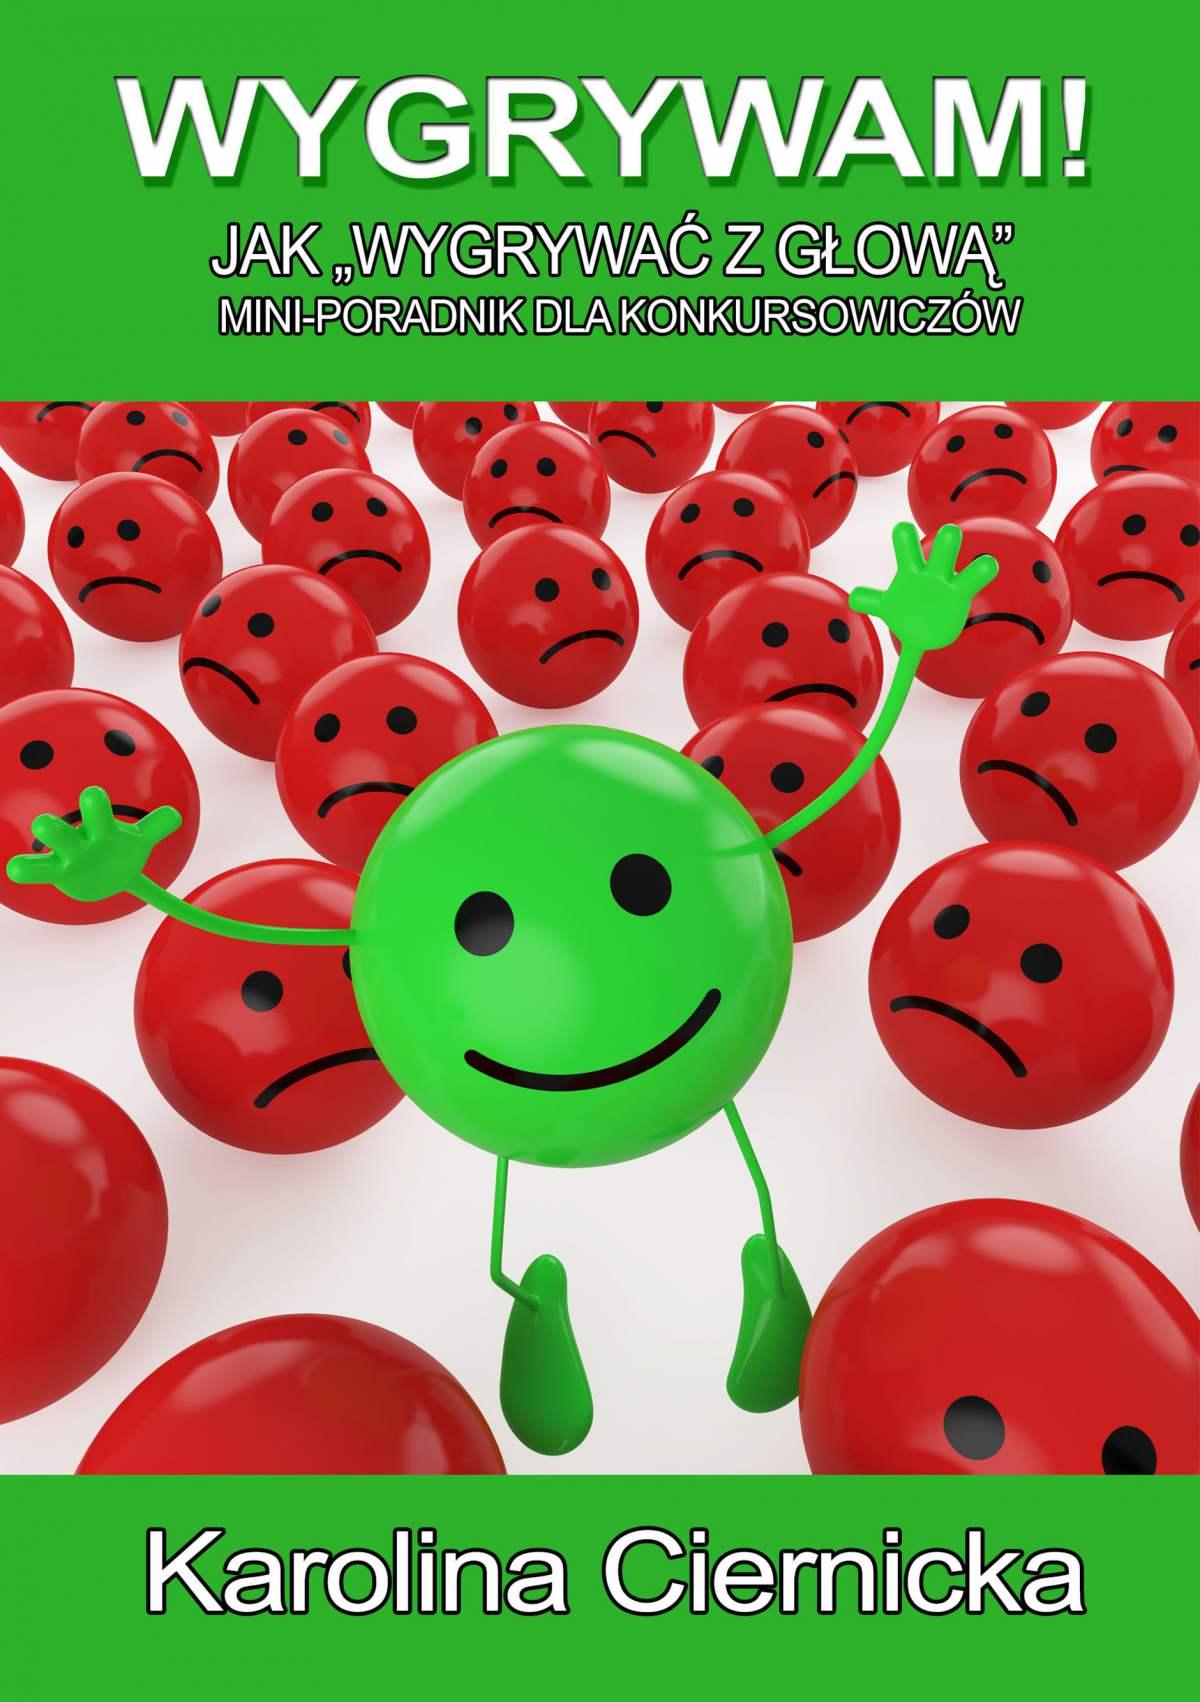 Wygrywam! Jak wygrywać z głową? Mini-poradnik dla konkursowiczów - Ebook (Książka na Kindle) do pobrania w formacie MOBI